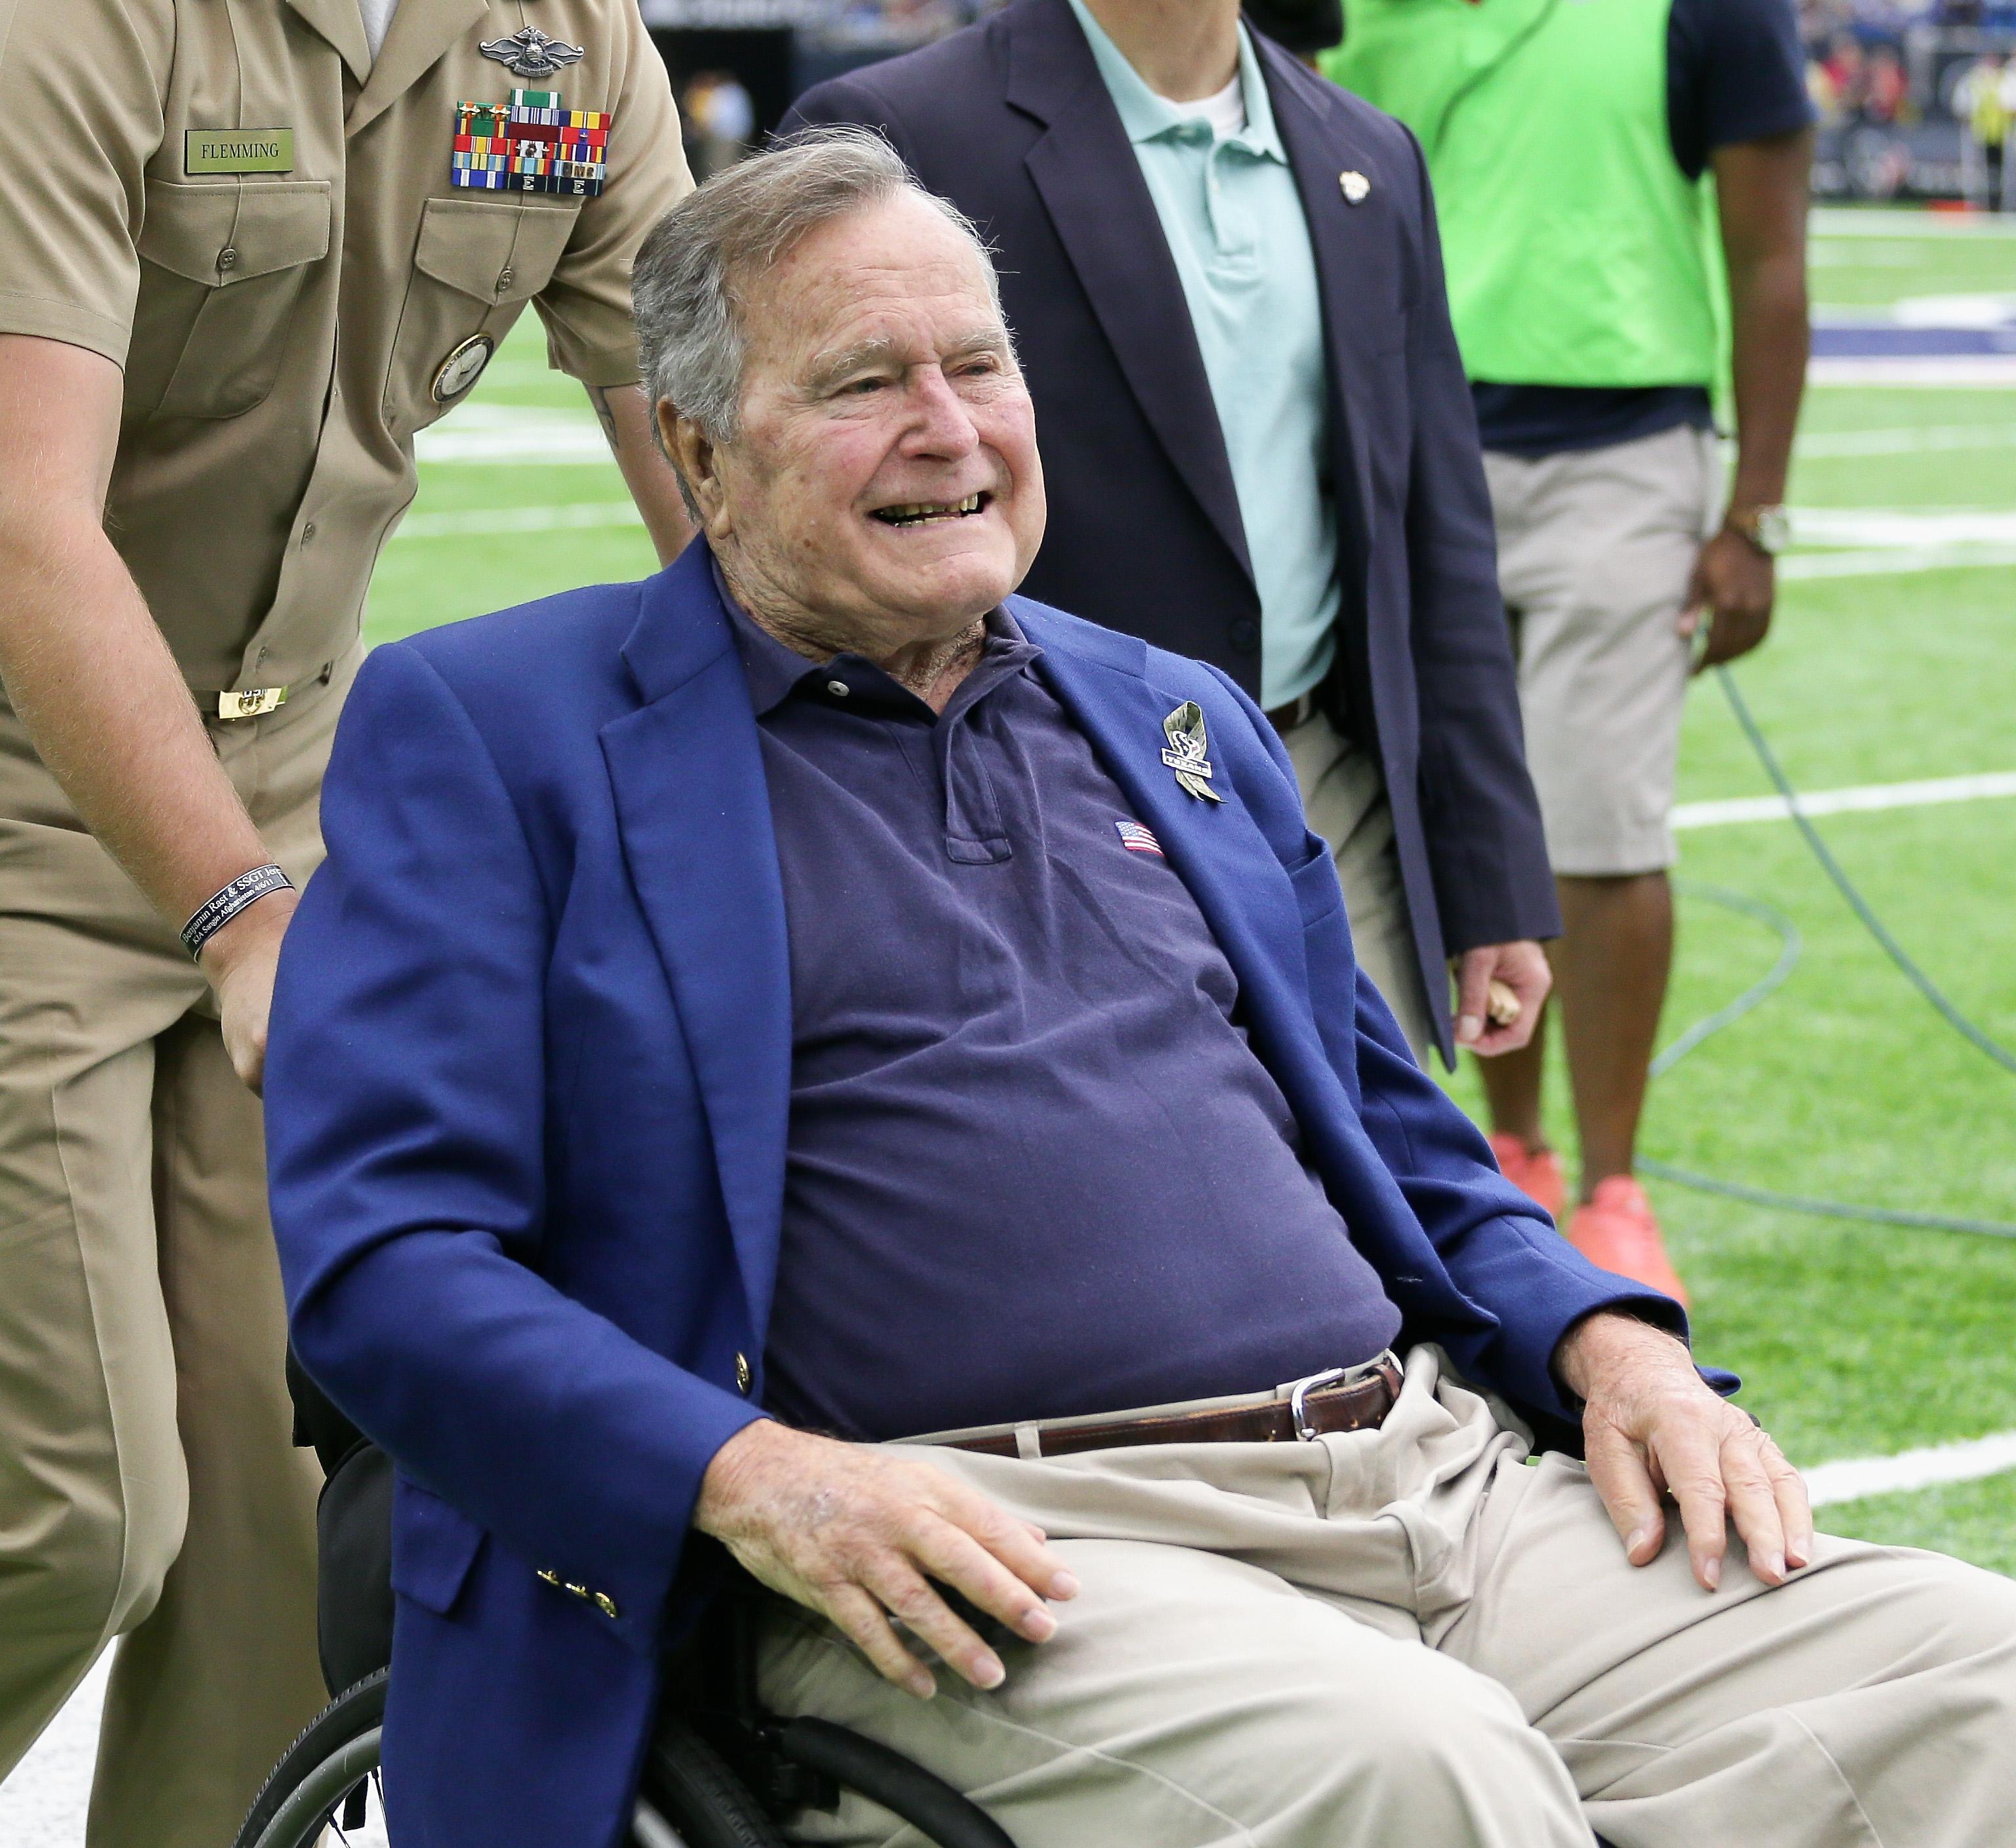 George-HW-Bush-Hospitalized